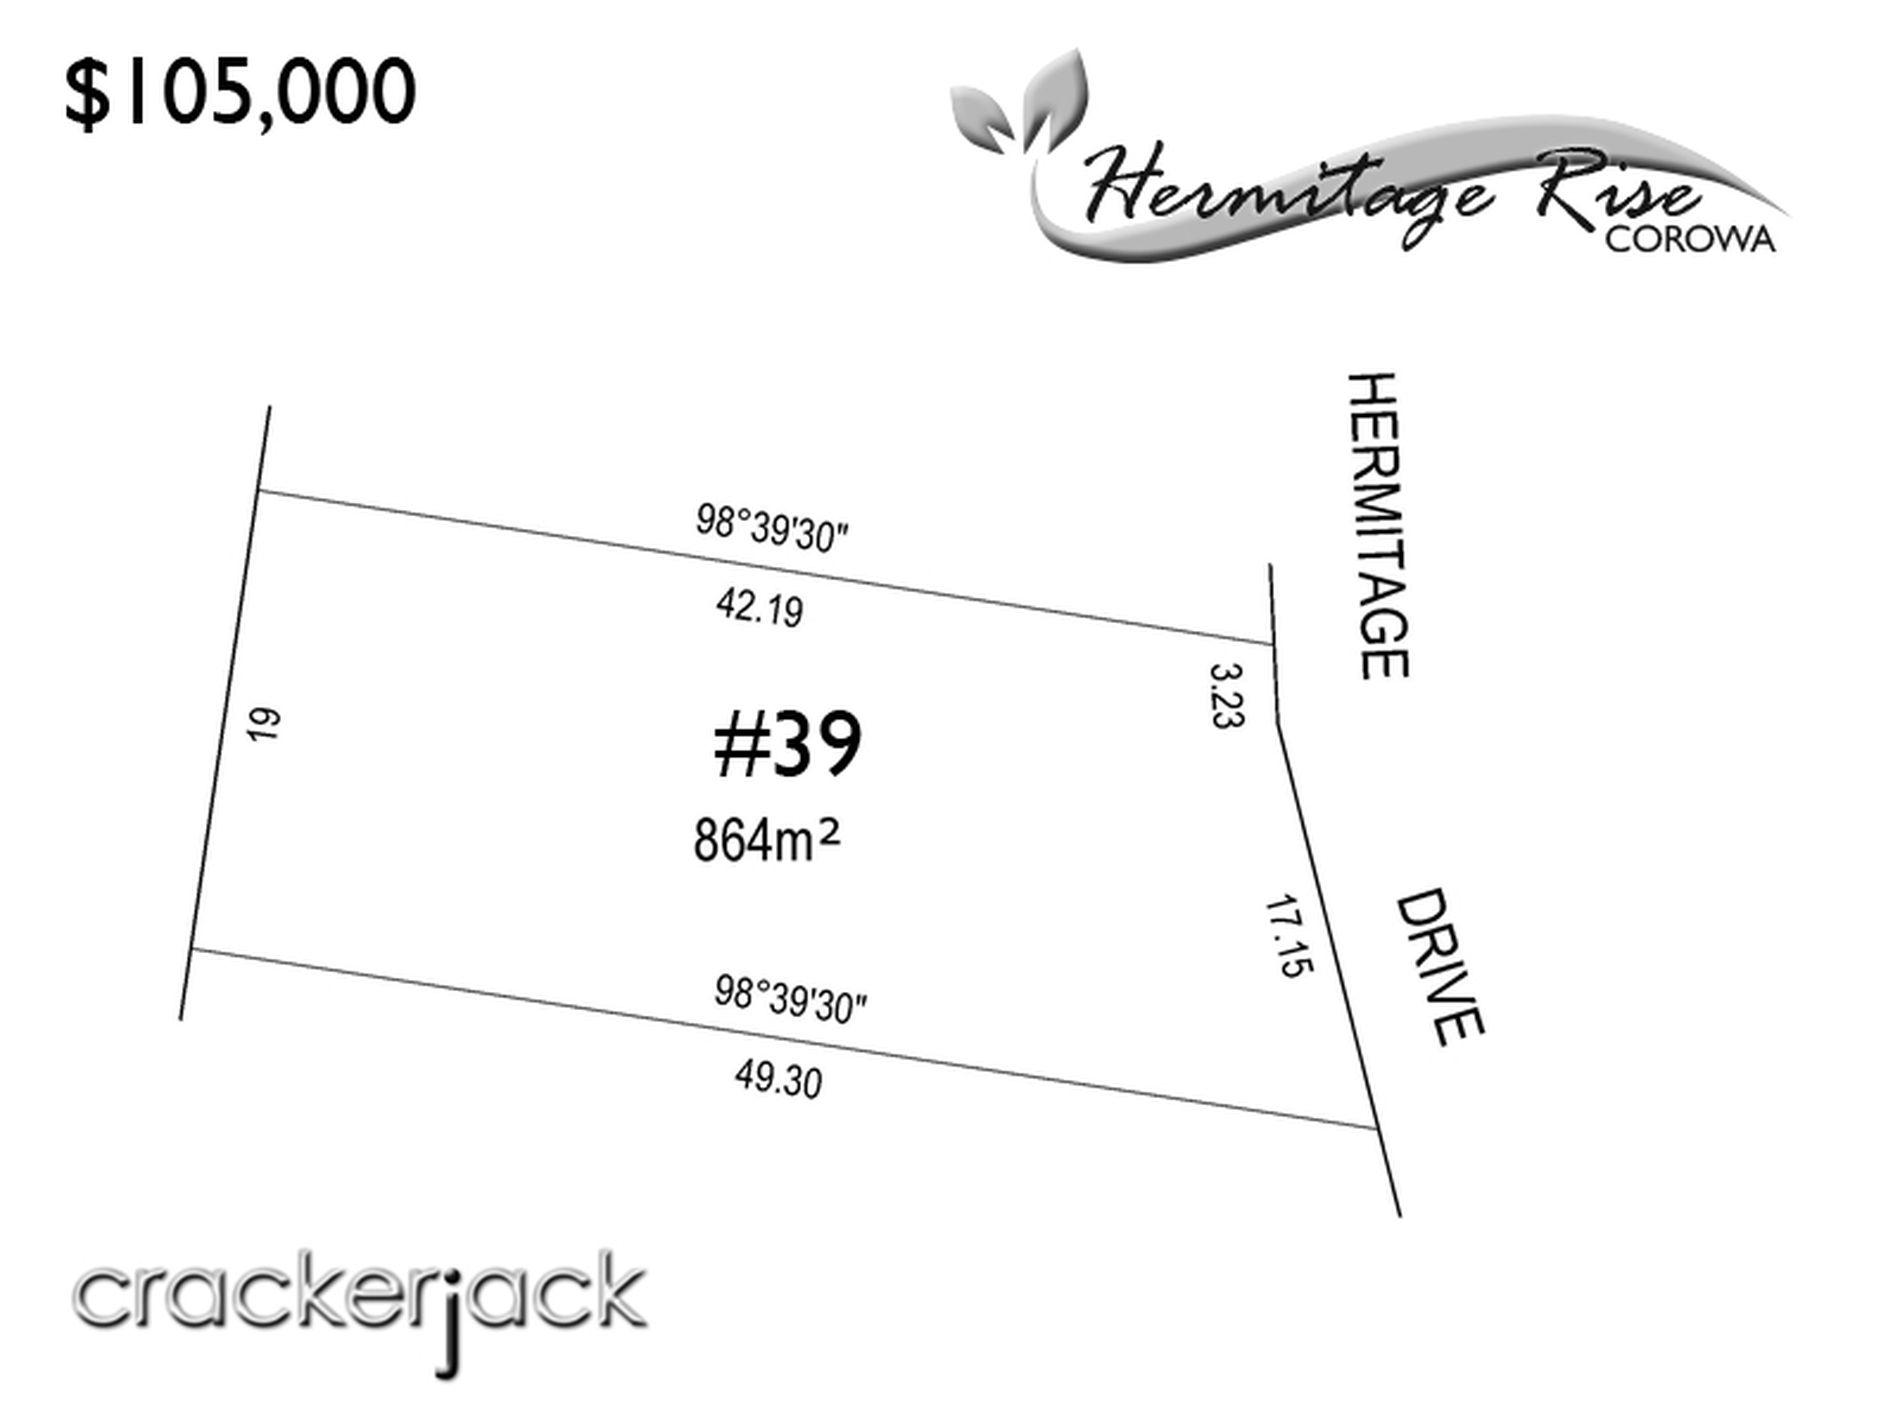 37 Hermitage Drive, Corowa